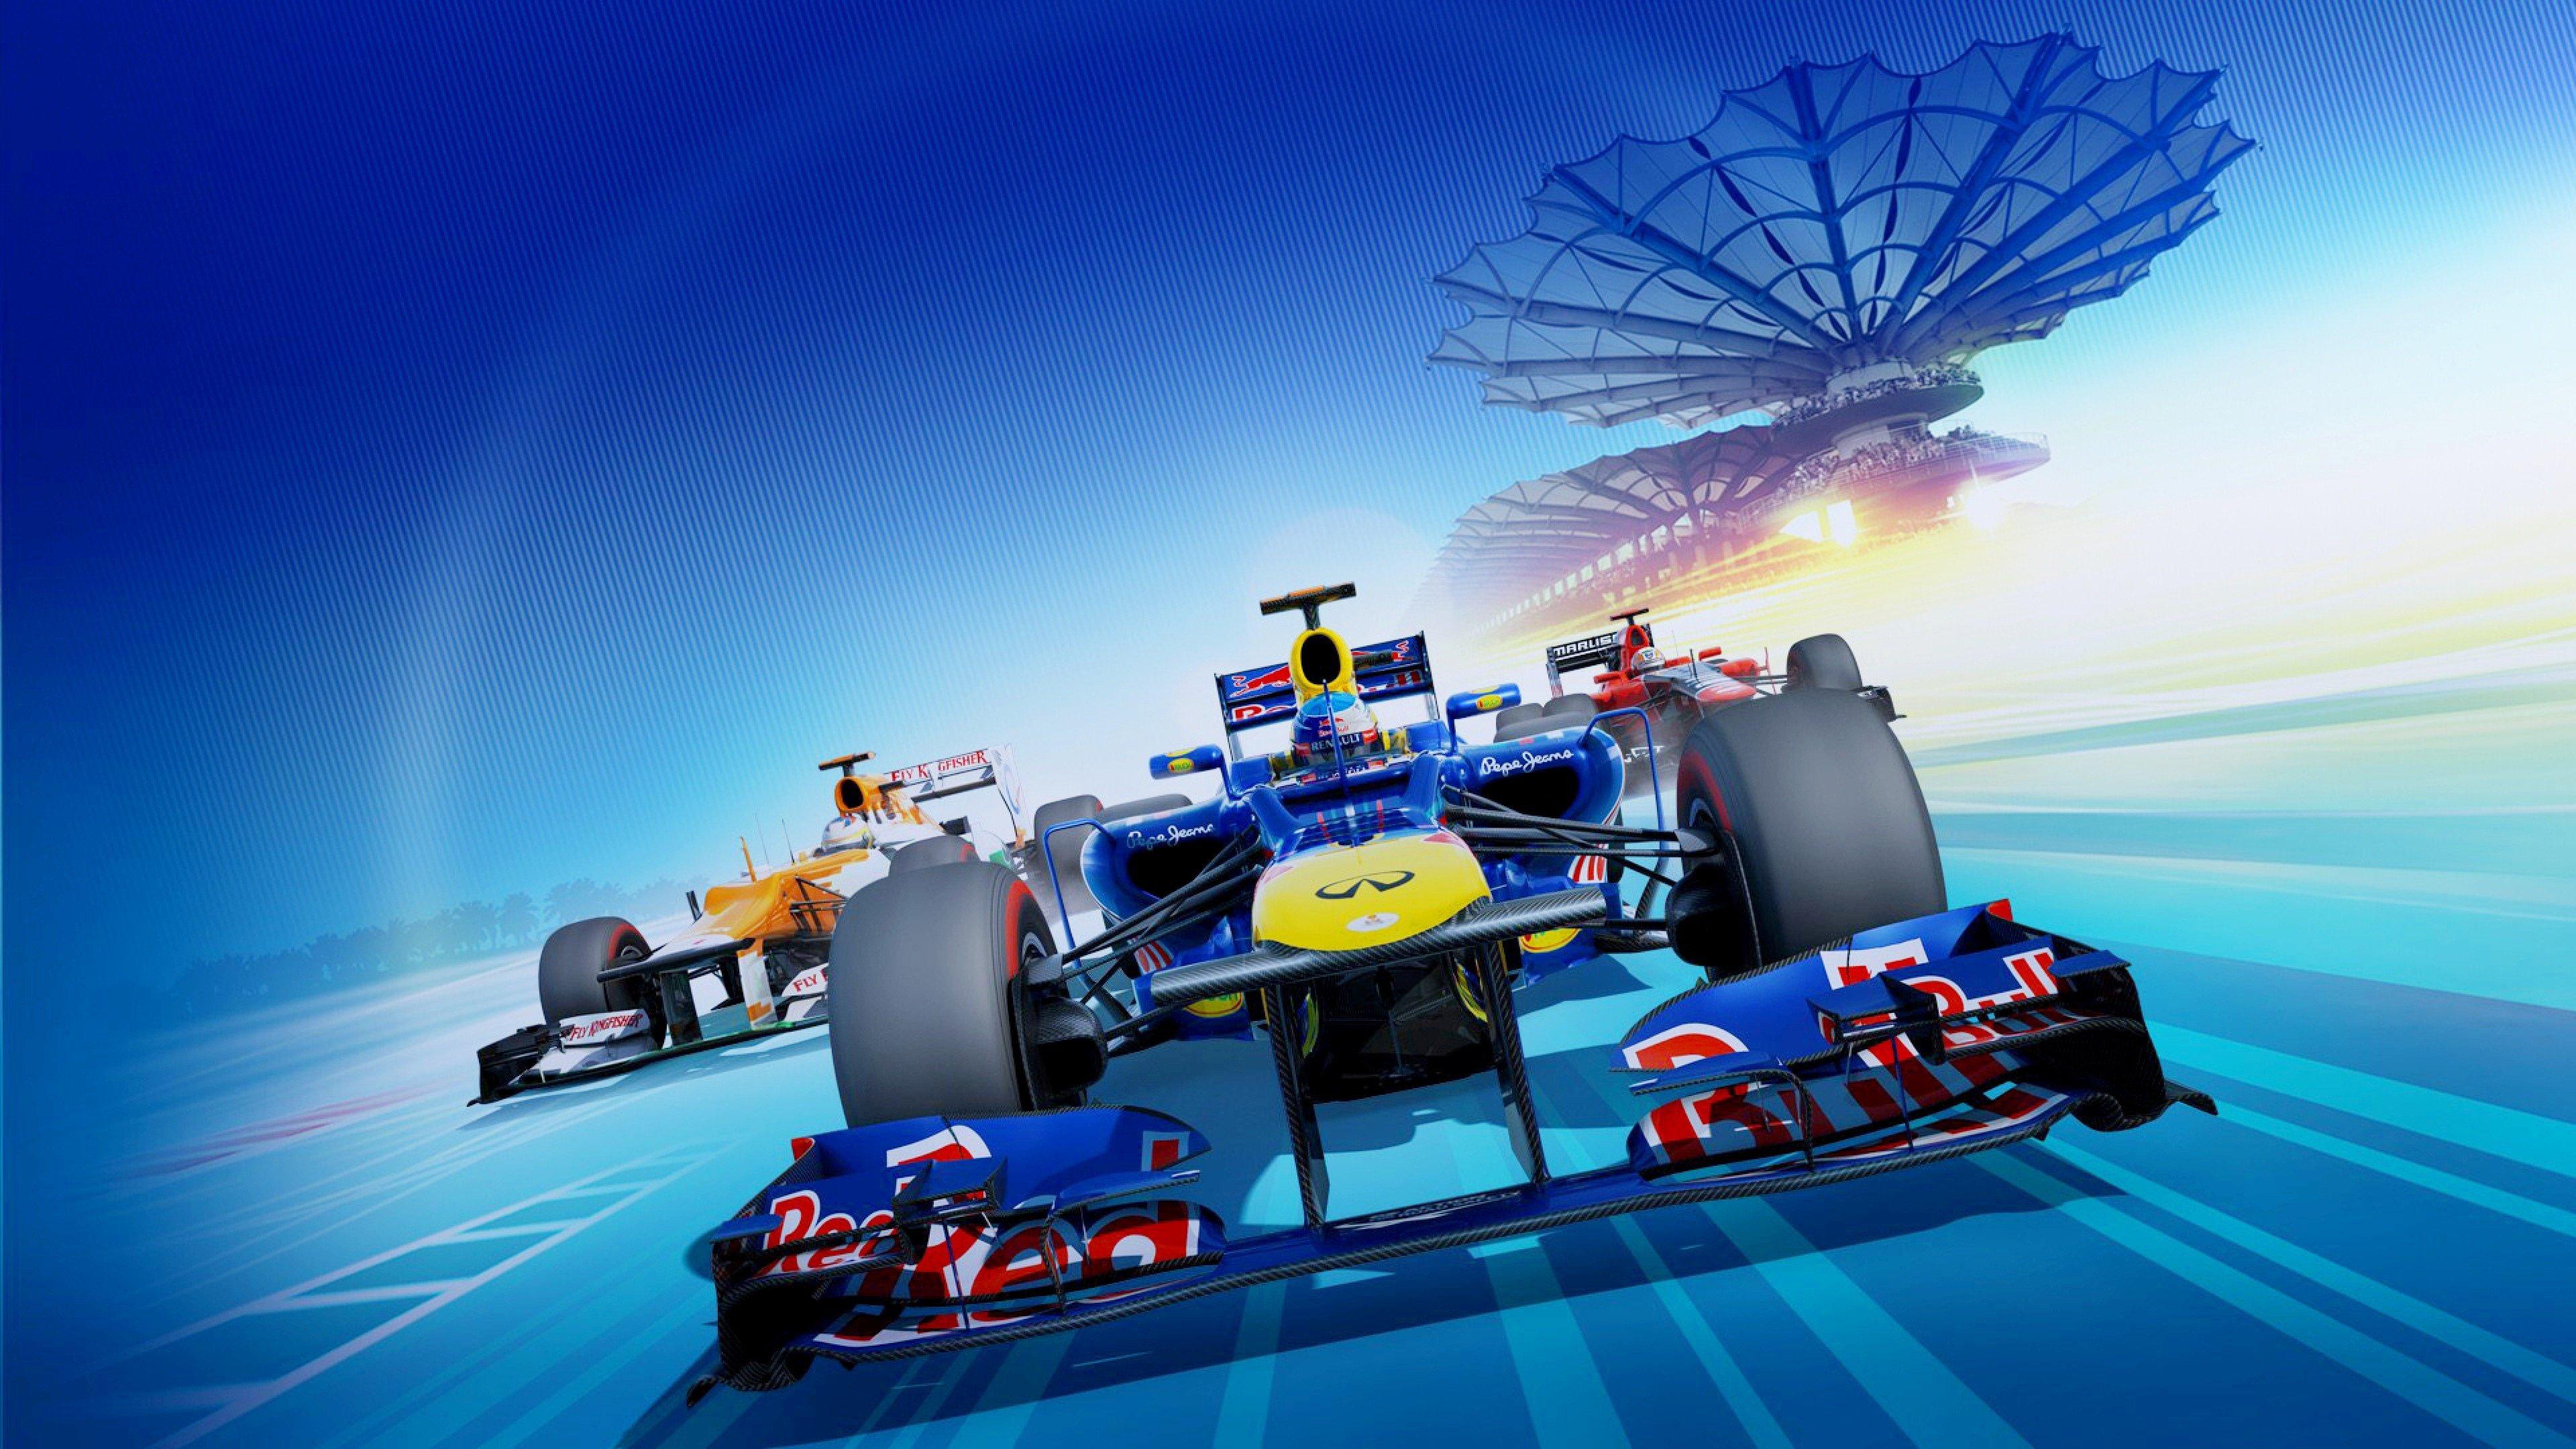 Red Bull Racing 4K wallpaper